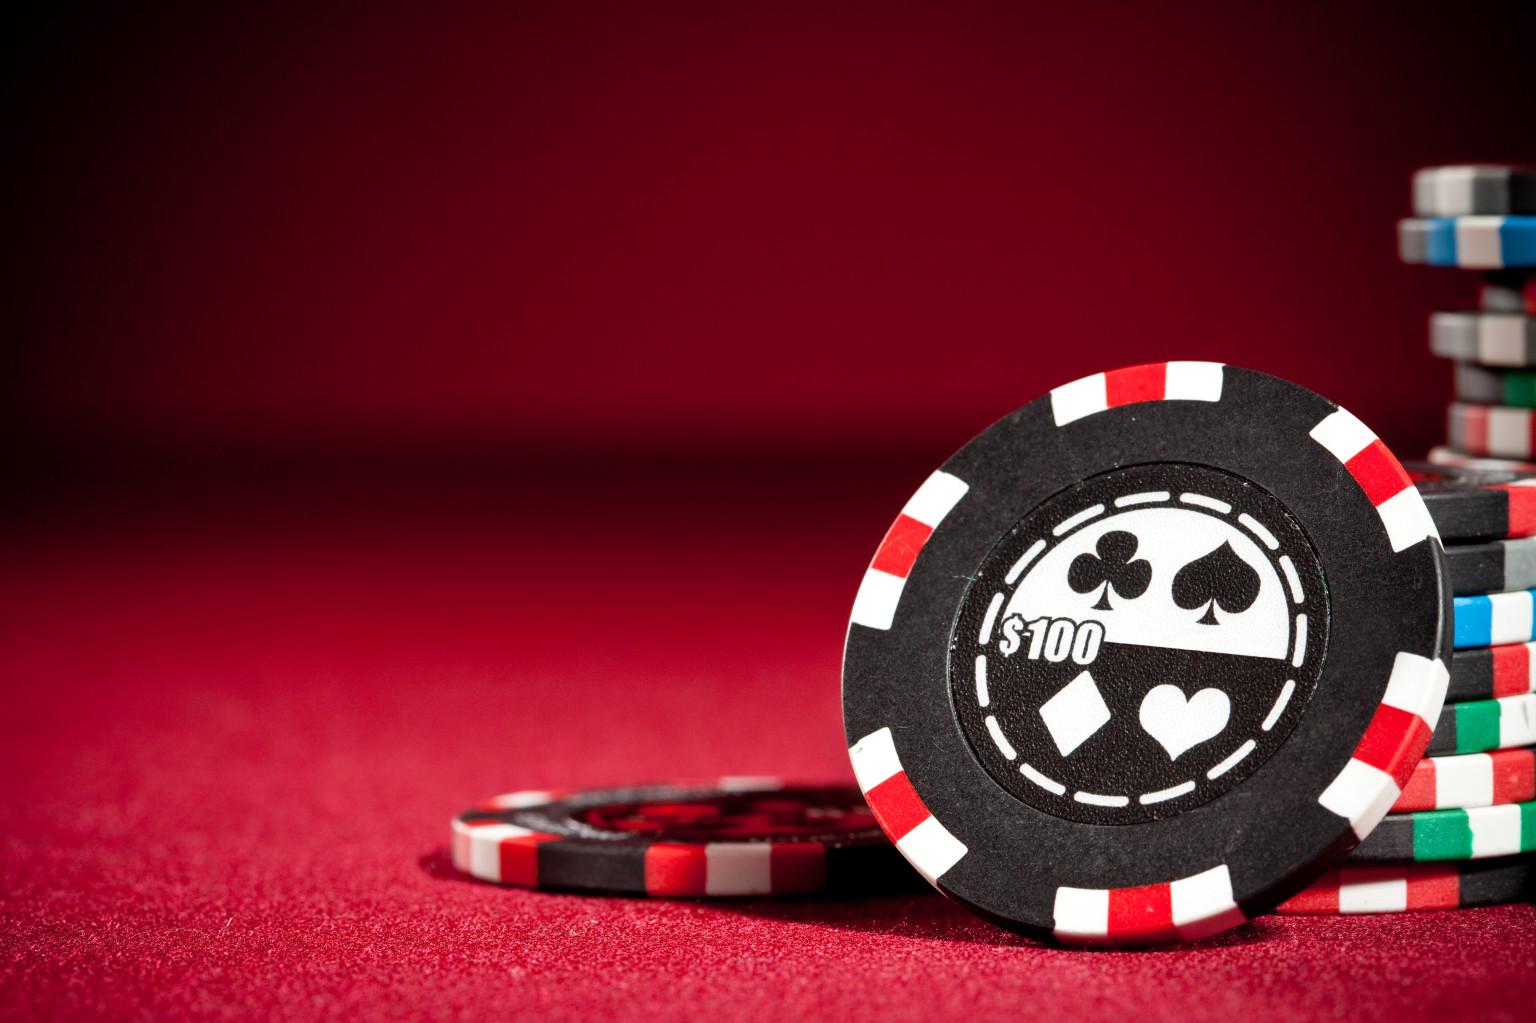 Jeux casino: quid des machines à sous